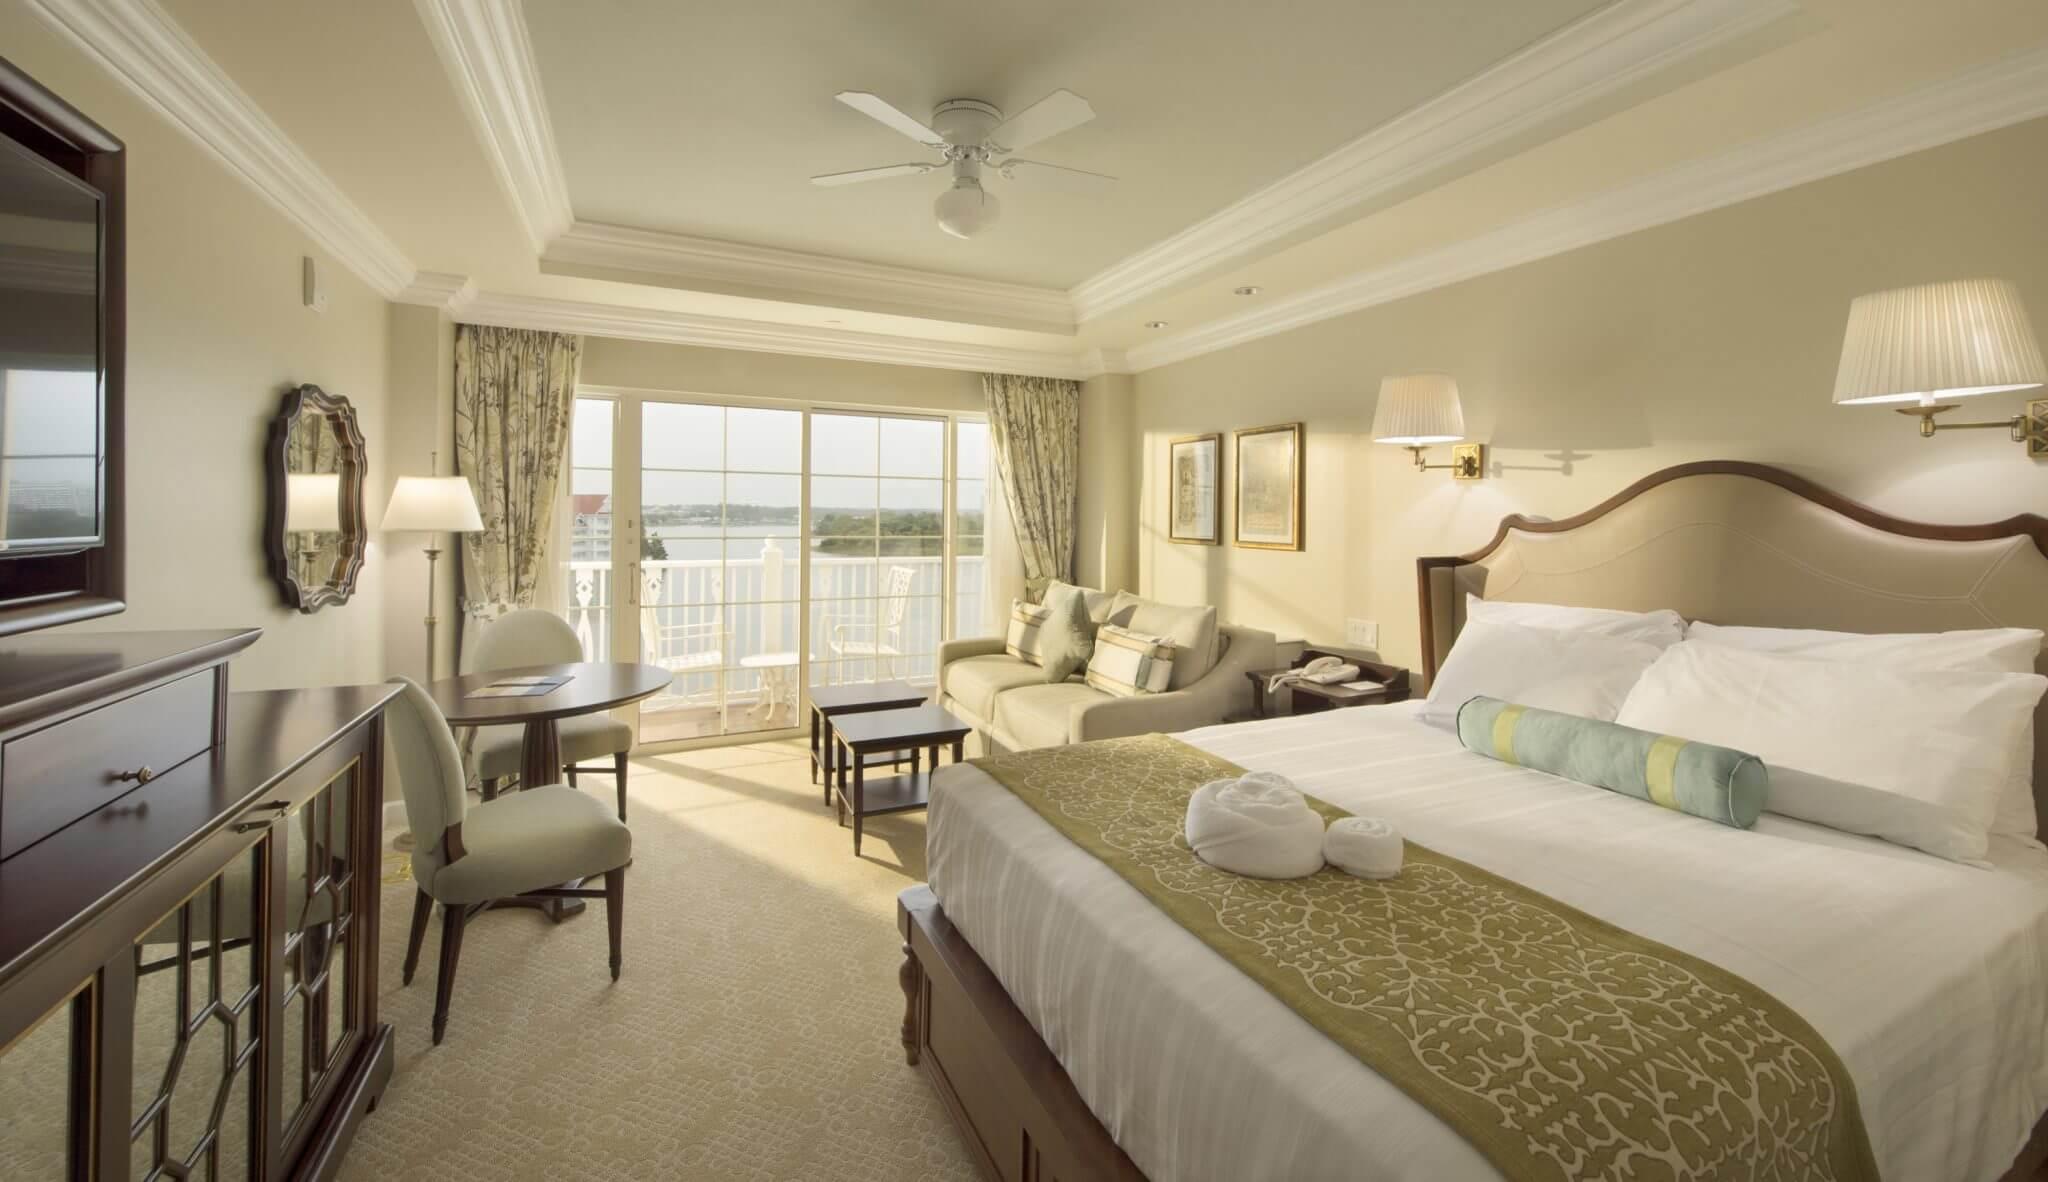 50% das avaliações de hotéis de luxo do Tripadvisor podem ser falsas, diz estudo...